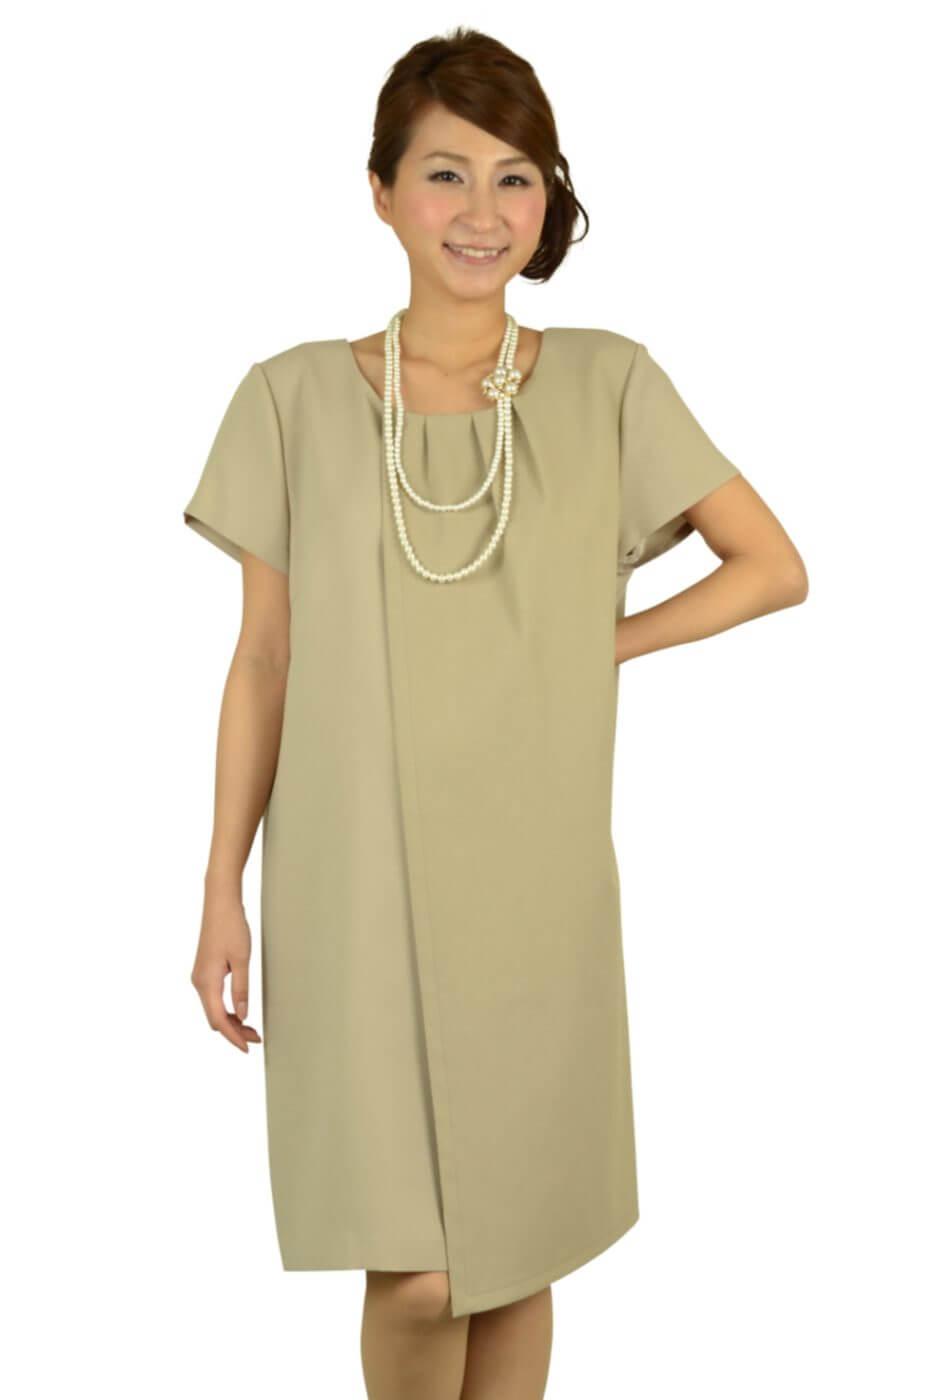 インディヴィ (INDIVI)ベージュシンプルゆったりドレス